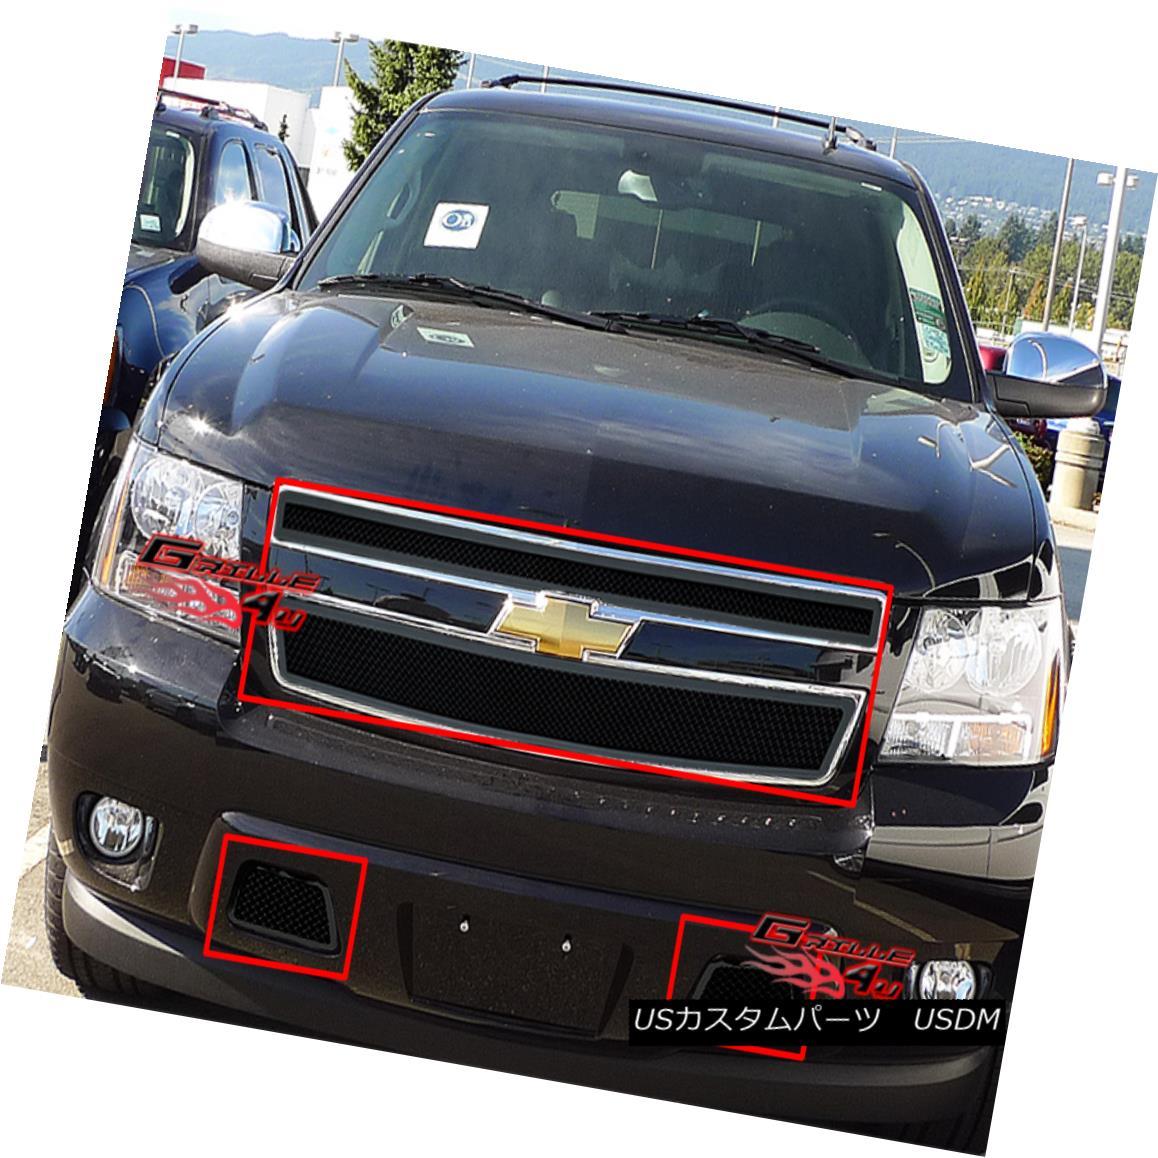 グリル Fits 2007-2014 Chevy Tahoe/Suburban/Avalanche Black Mesh Grille Grill Combo 2007-2014シボレータホー/郊外 /アバランチェブラックメッシュグリルグリルコンボ